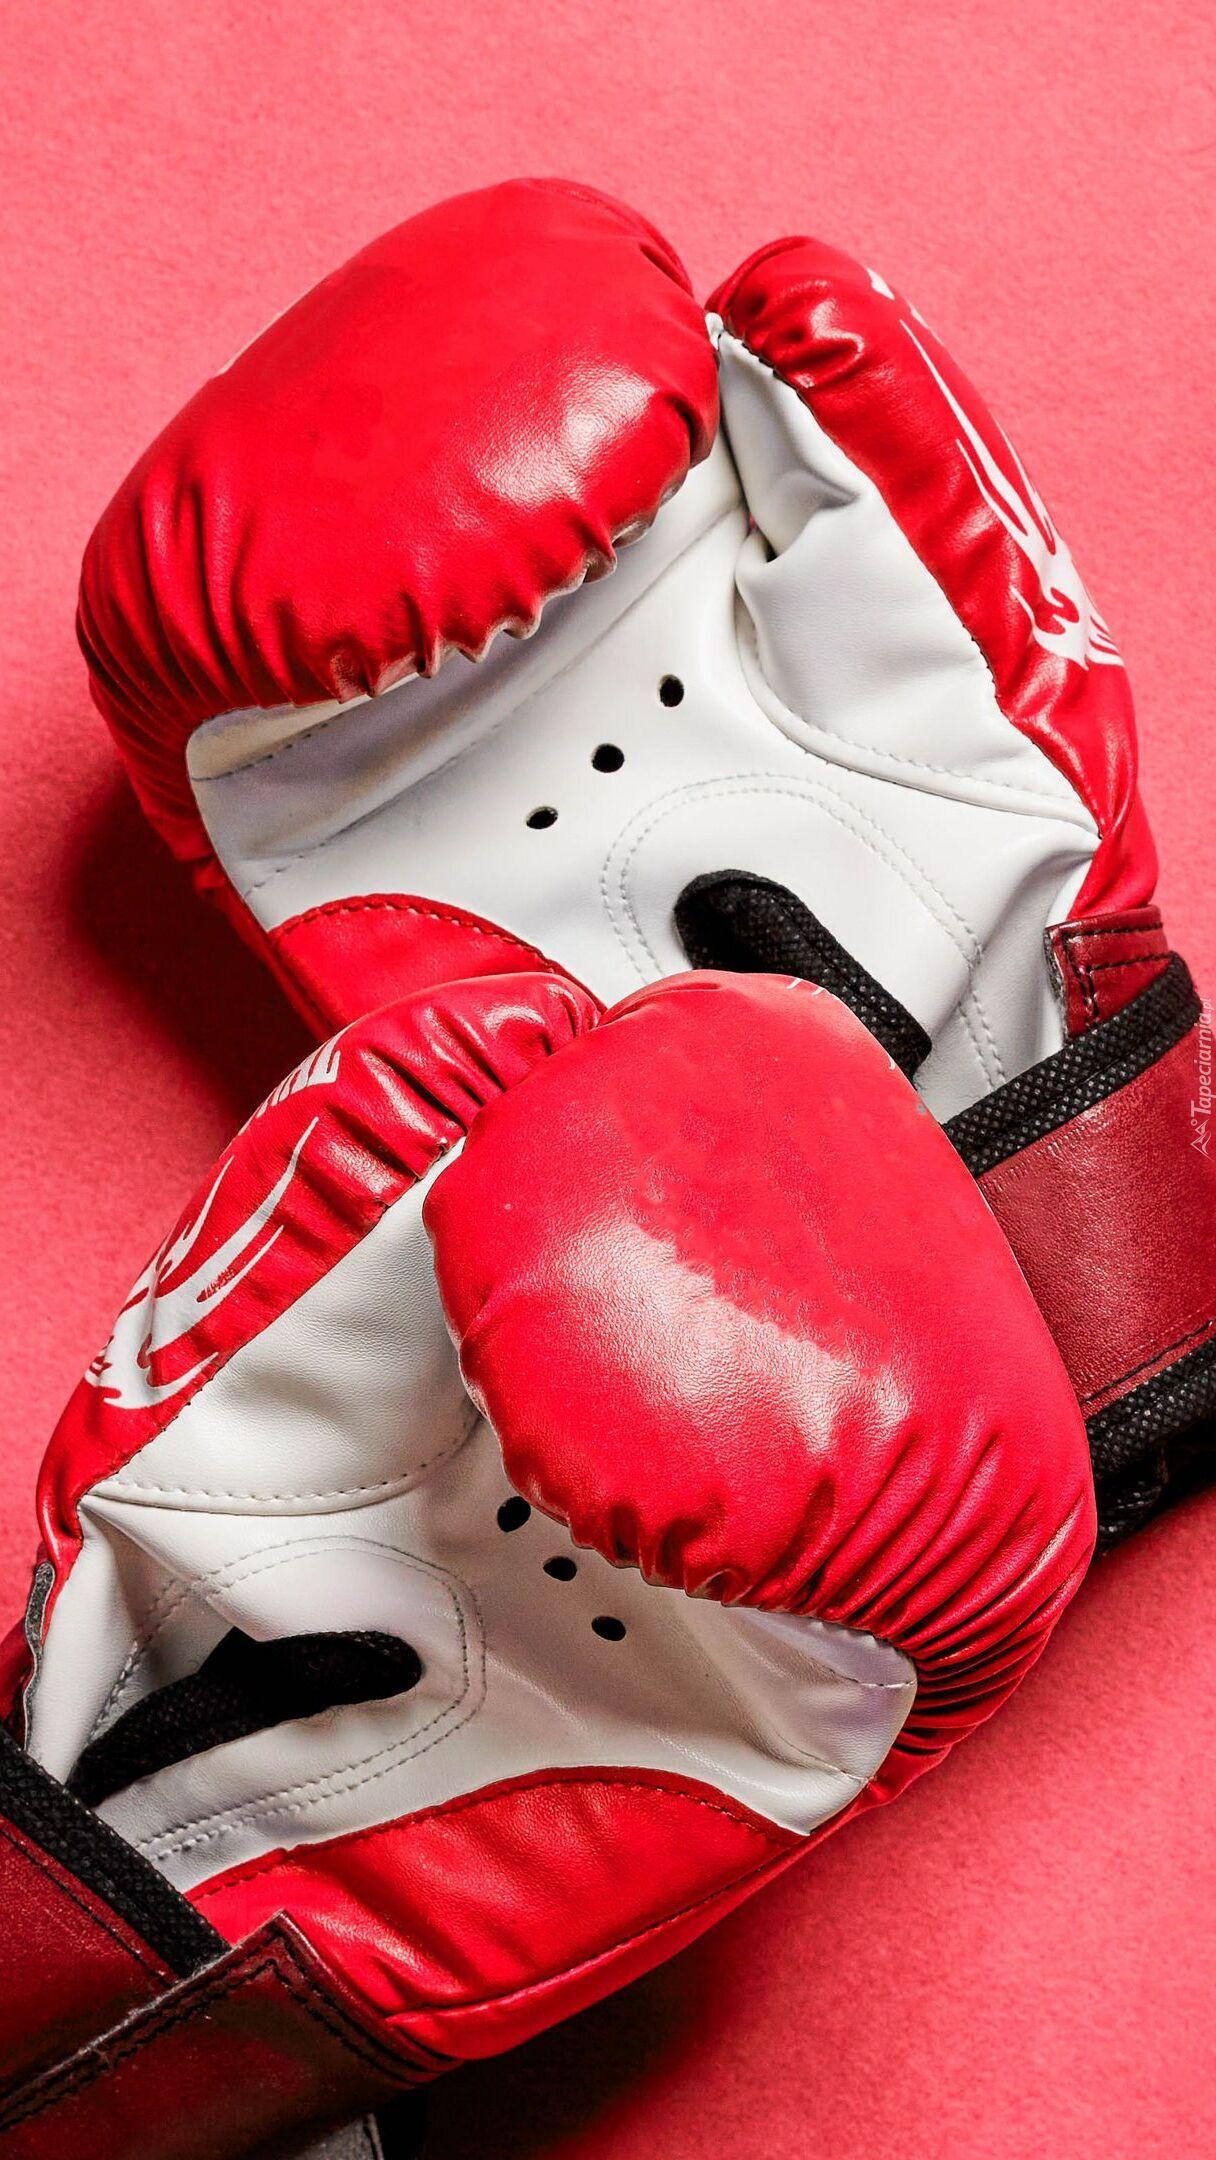 Czerwono-białe rękawice bokserskie